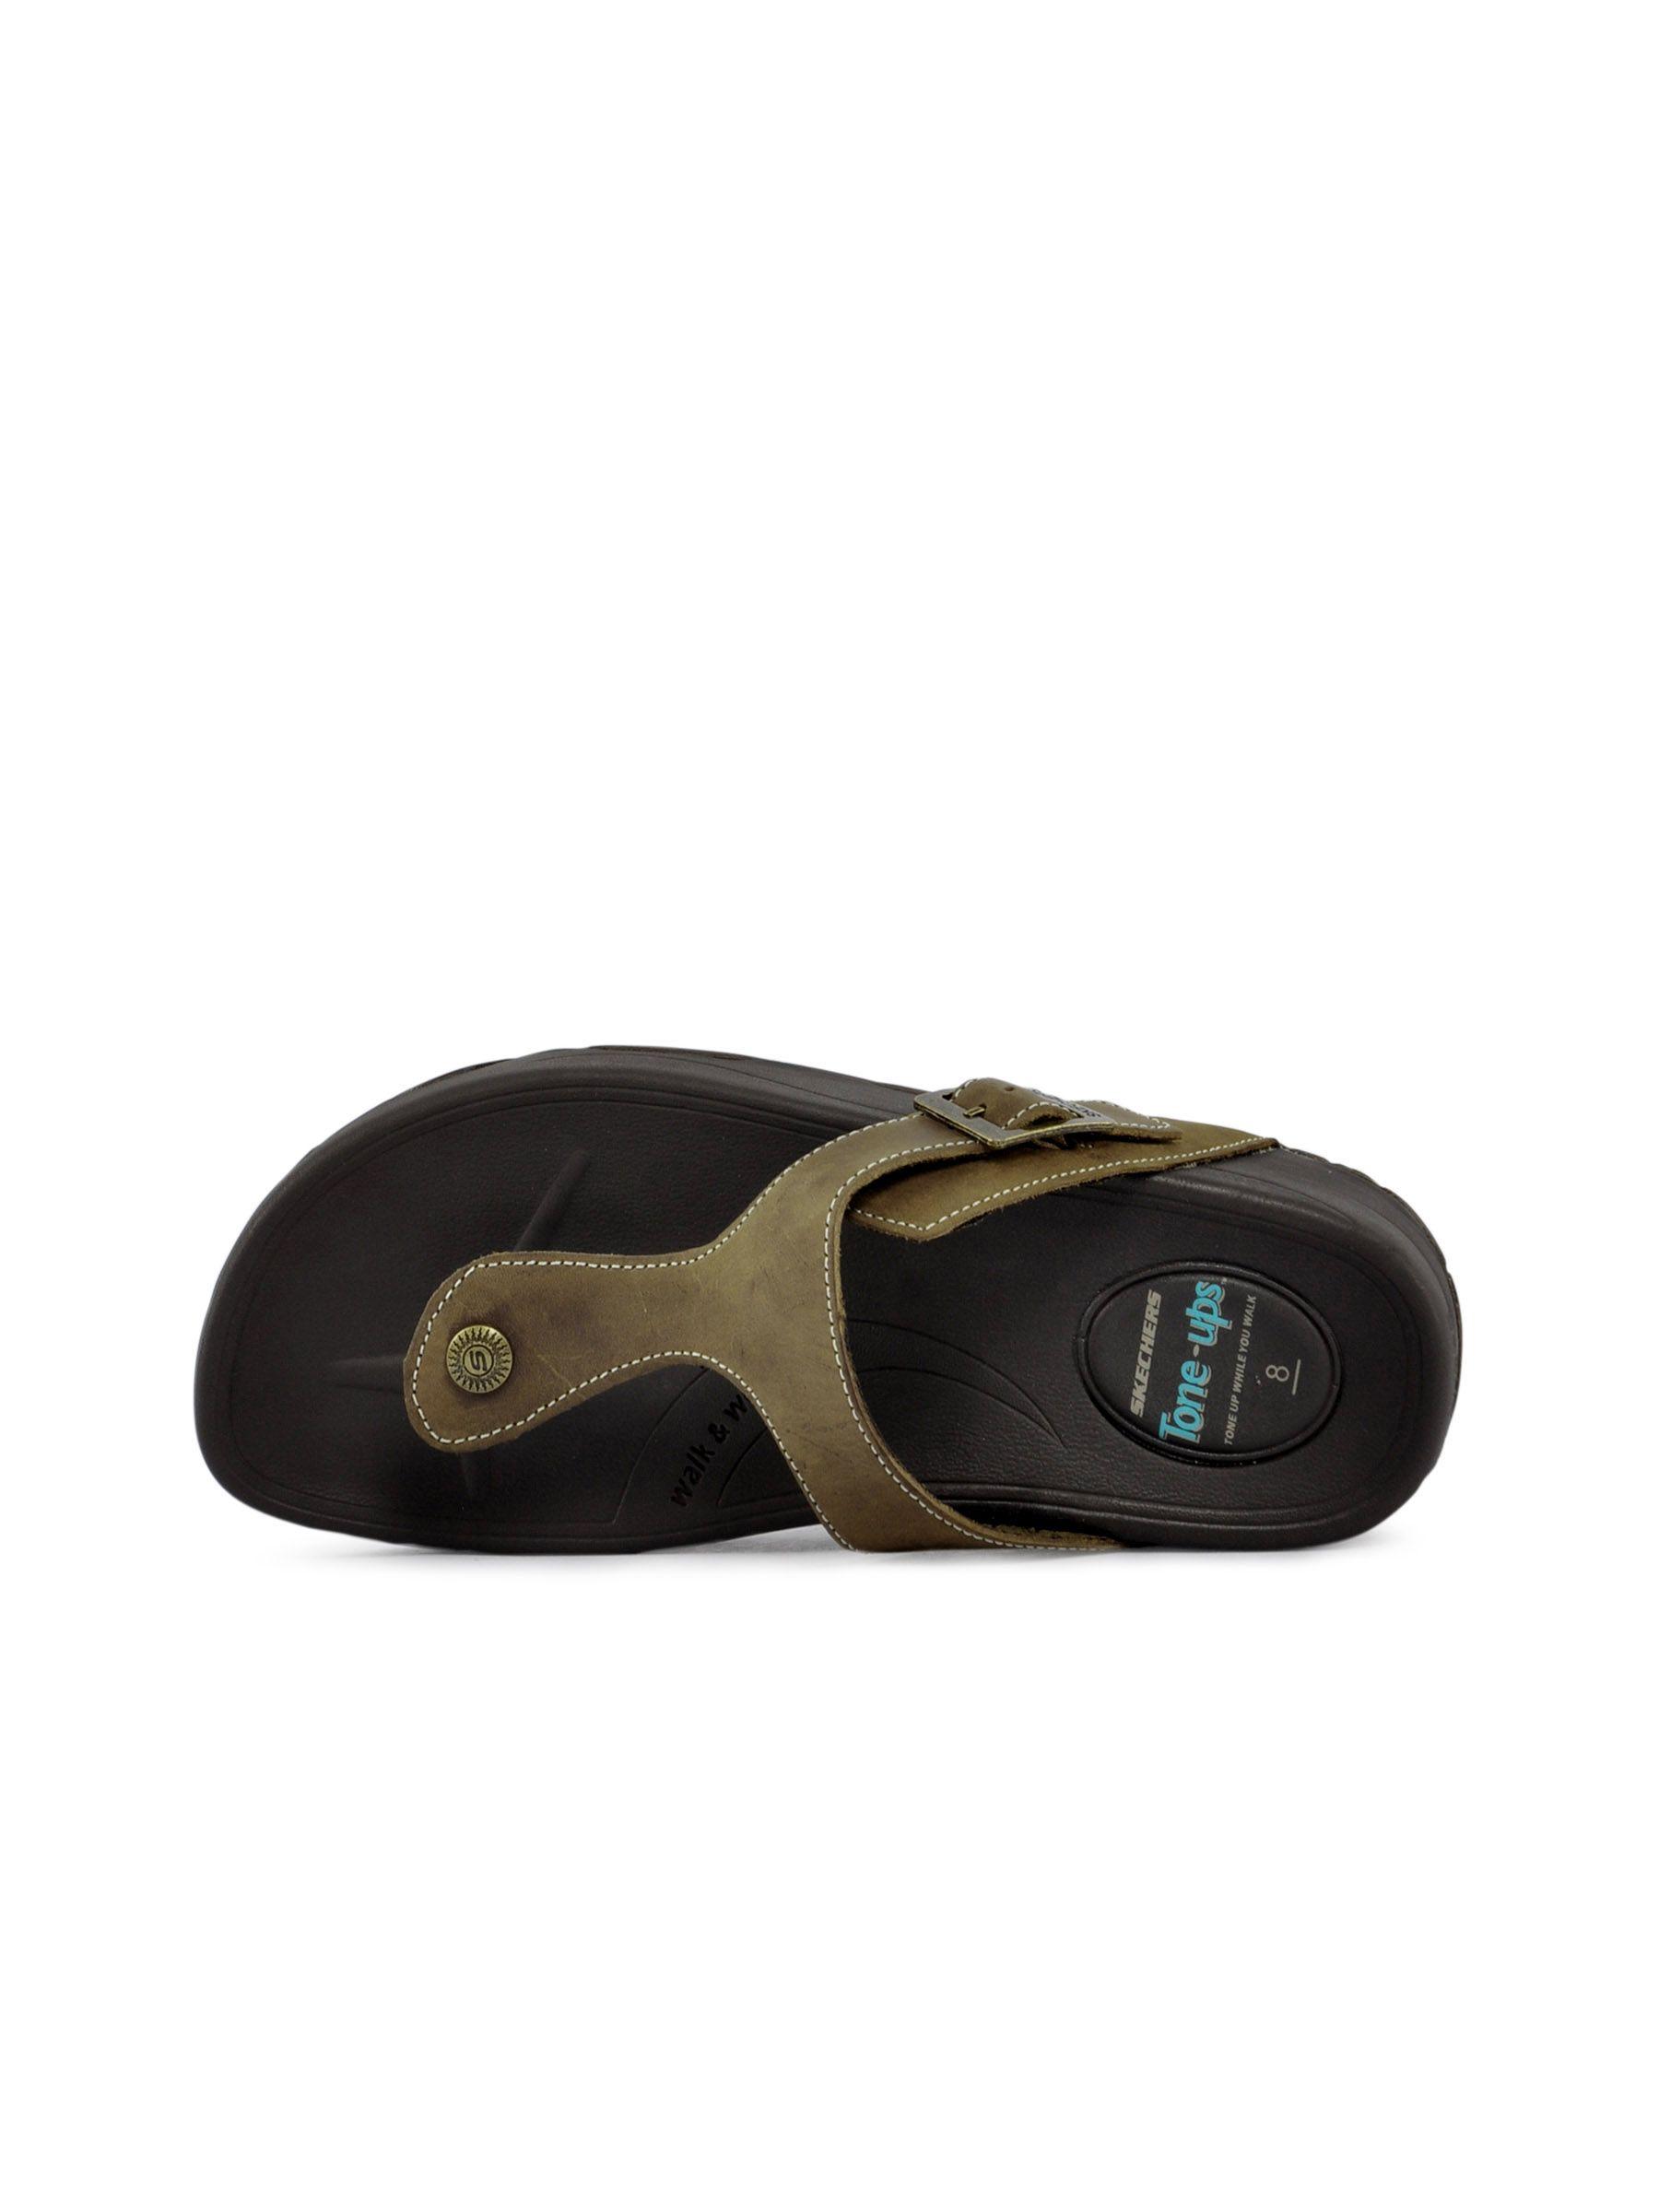 100d6163a408c Skechers 38739 Tone Ups Tone Up Sandals - Best Price in India   priceiq.in